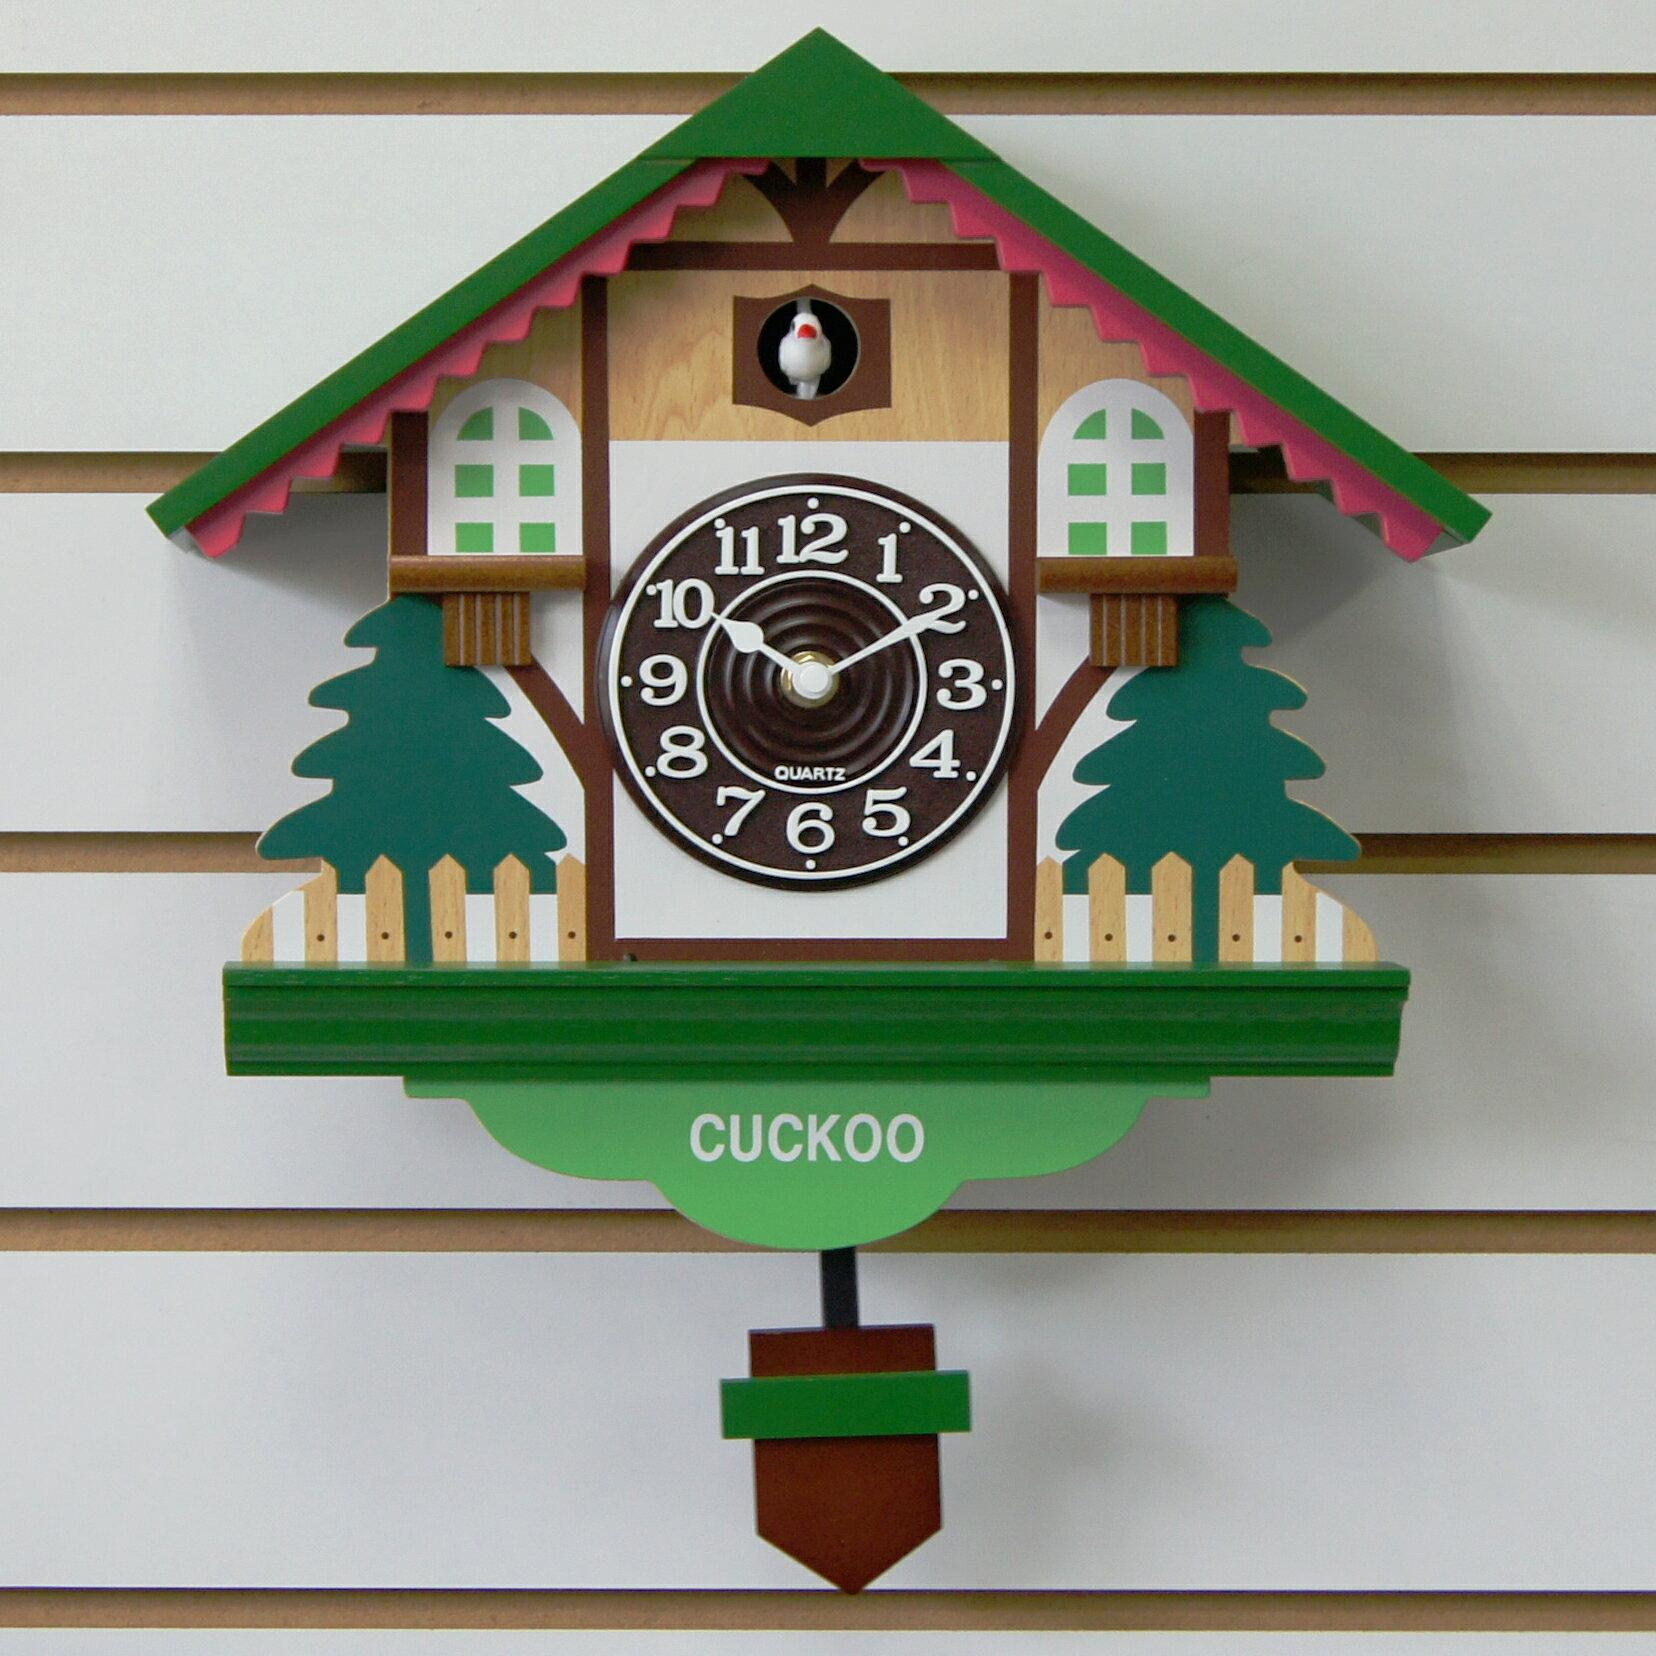 咕咕鐘-WT-889 藝術鐘/掛鐘/裝潢壁鐘/ 造型時鐘/時尚設計擺飾鐘 - 限時優惠好康折扣